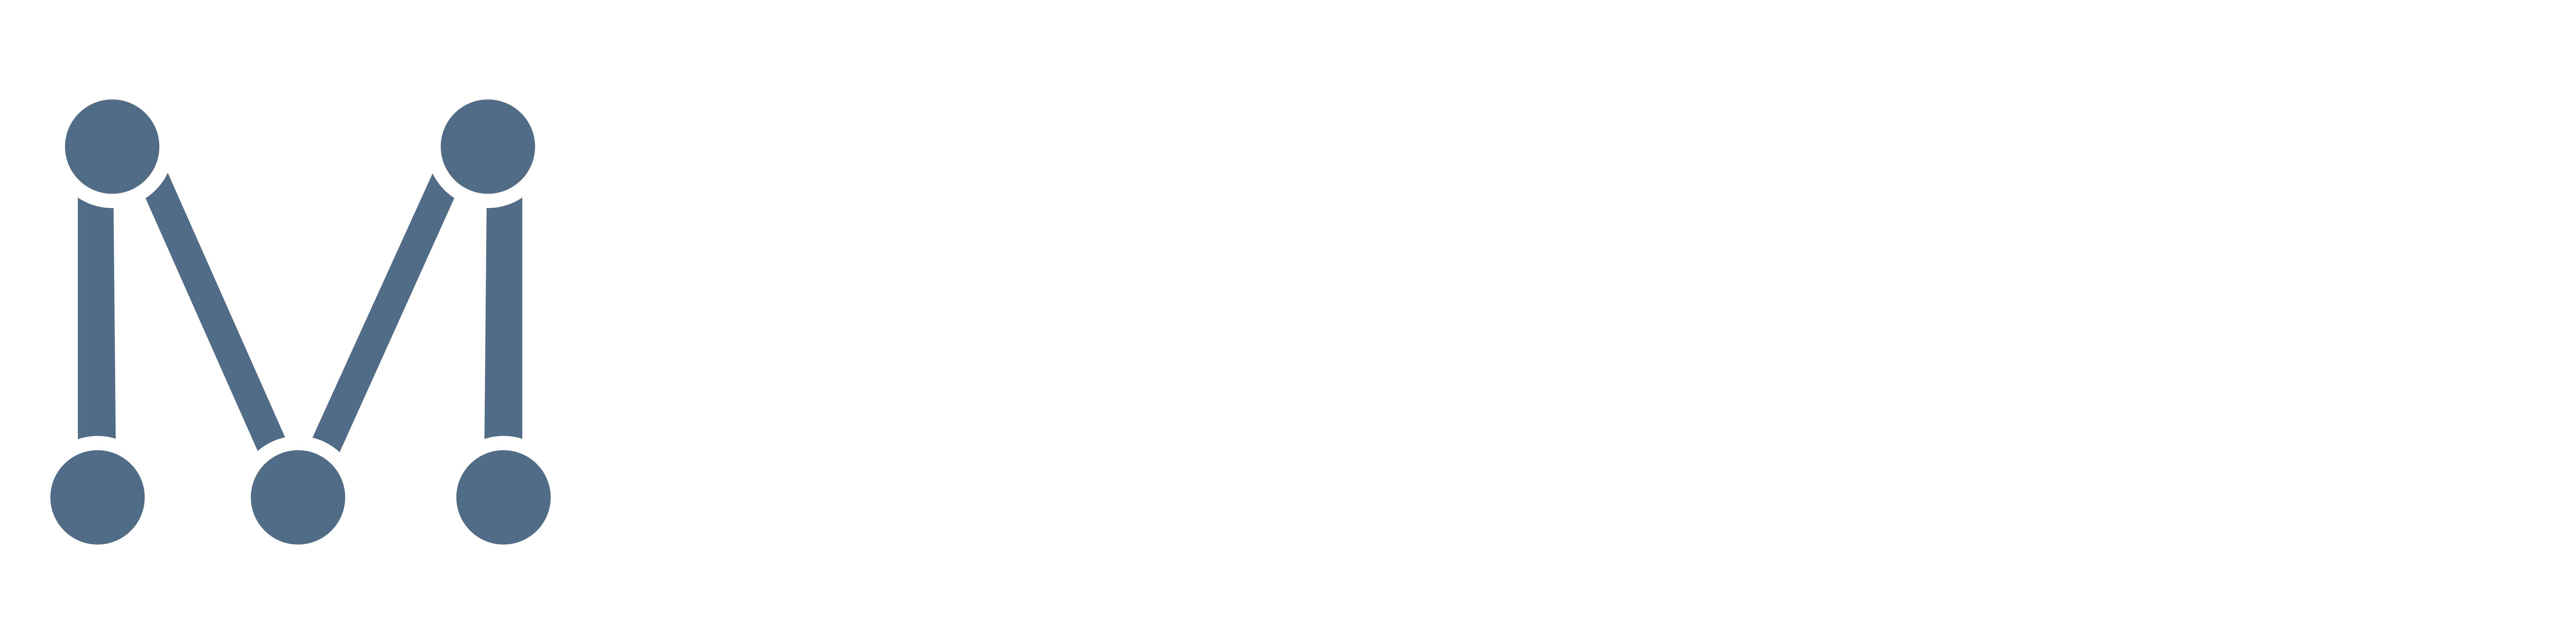 MITKOV SYSTEMS GmbH